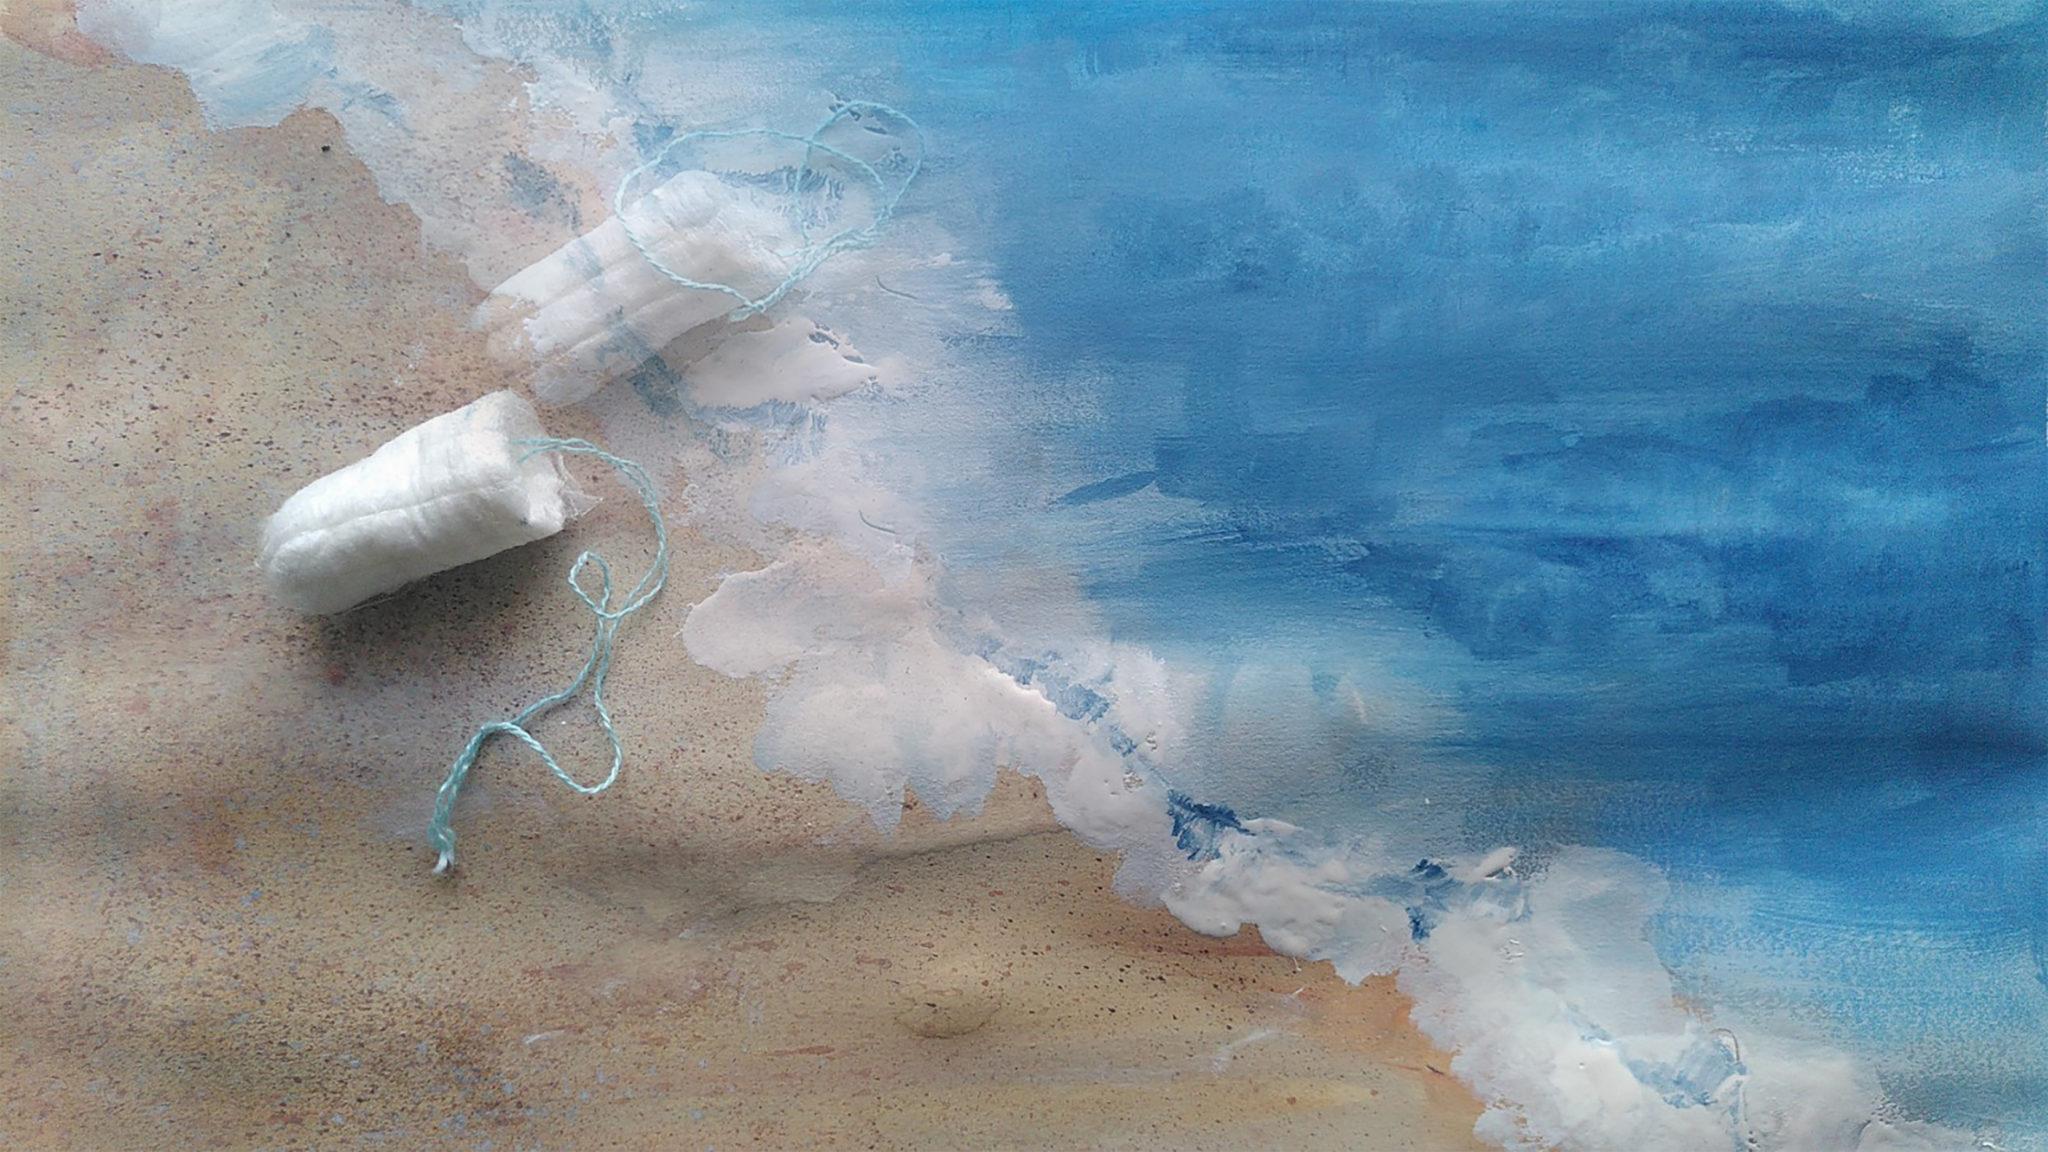 Zeichnung eines Strandes von oben mit Wellensaum, an dem ein Tampon liegt, der Tampon ist als Foto dazugefügt, mit einem zweiten Tampon, der sich ins Meer auflöst